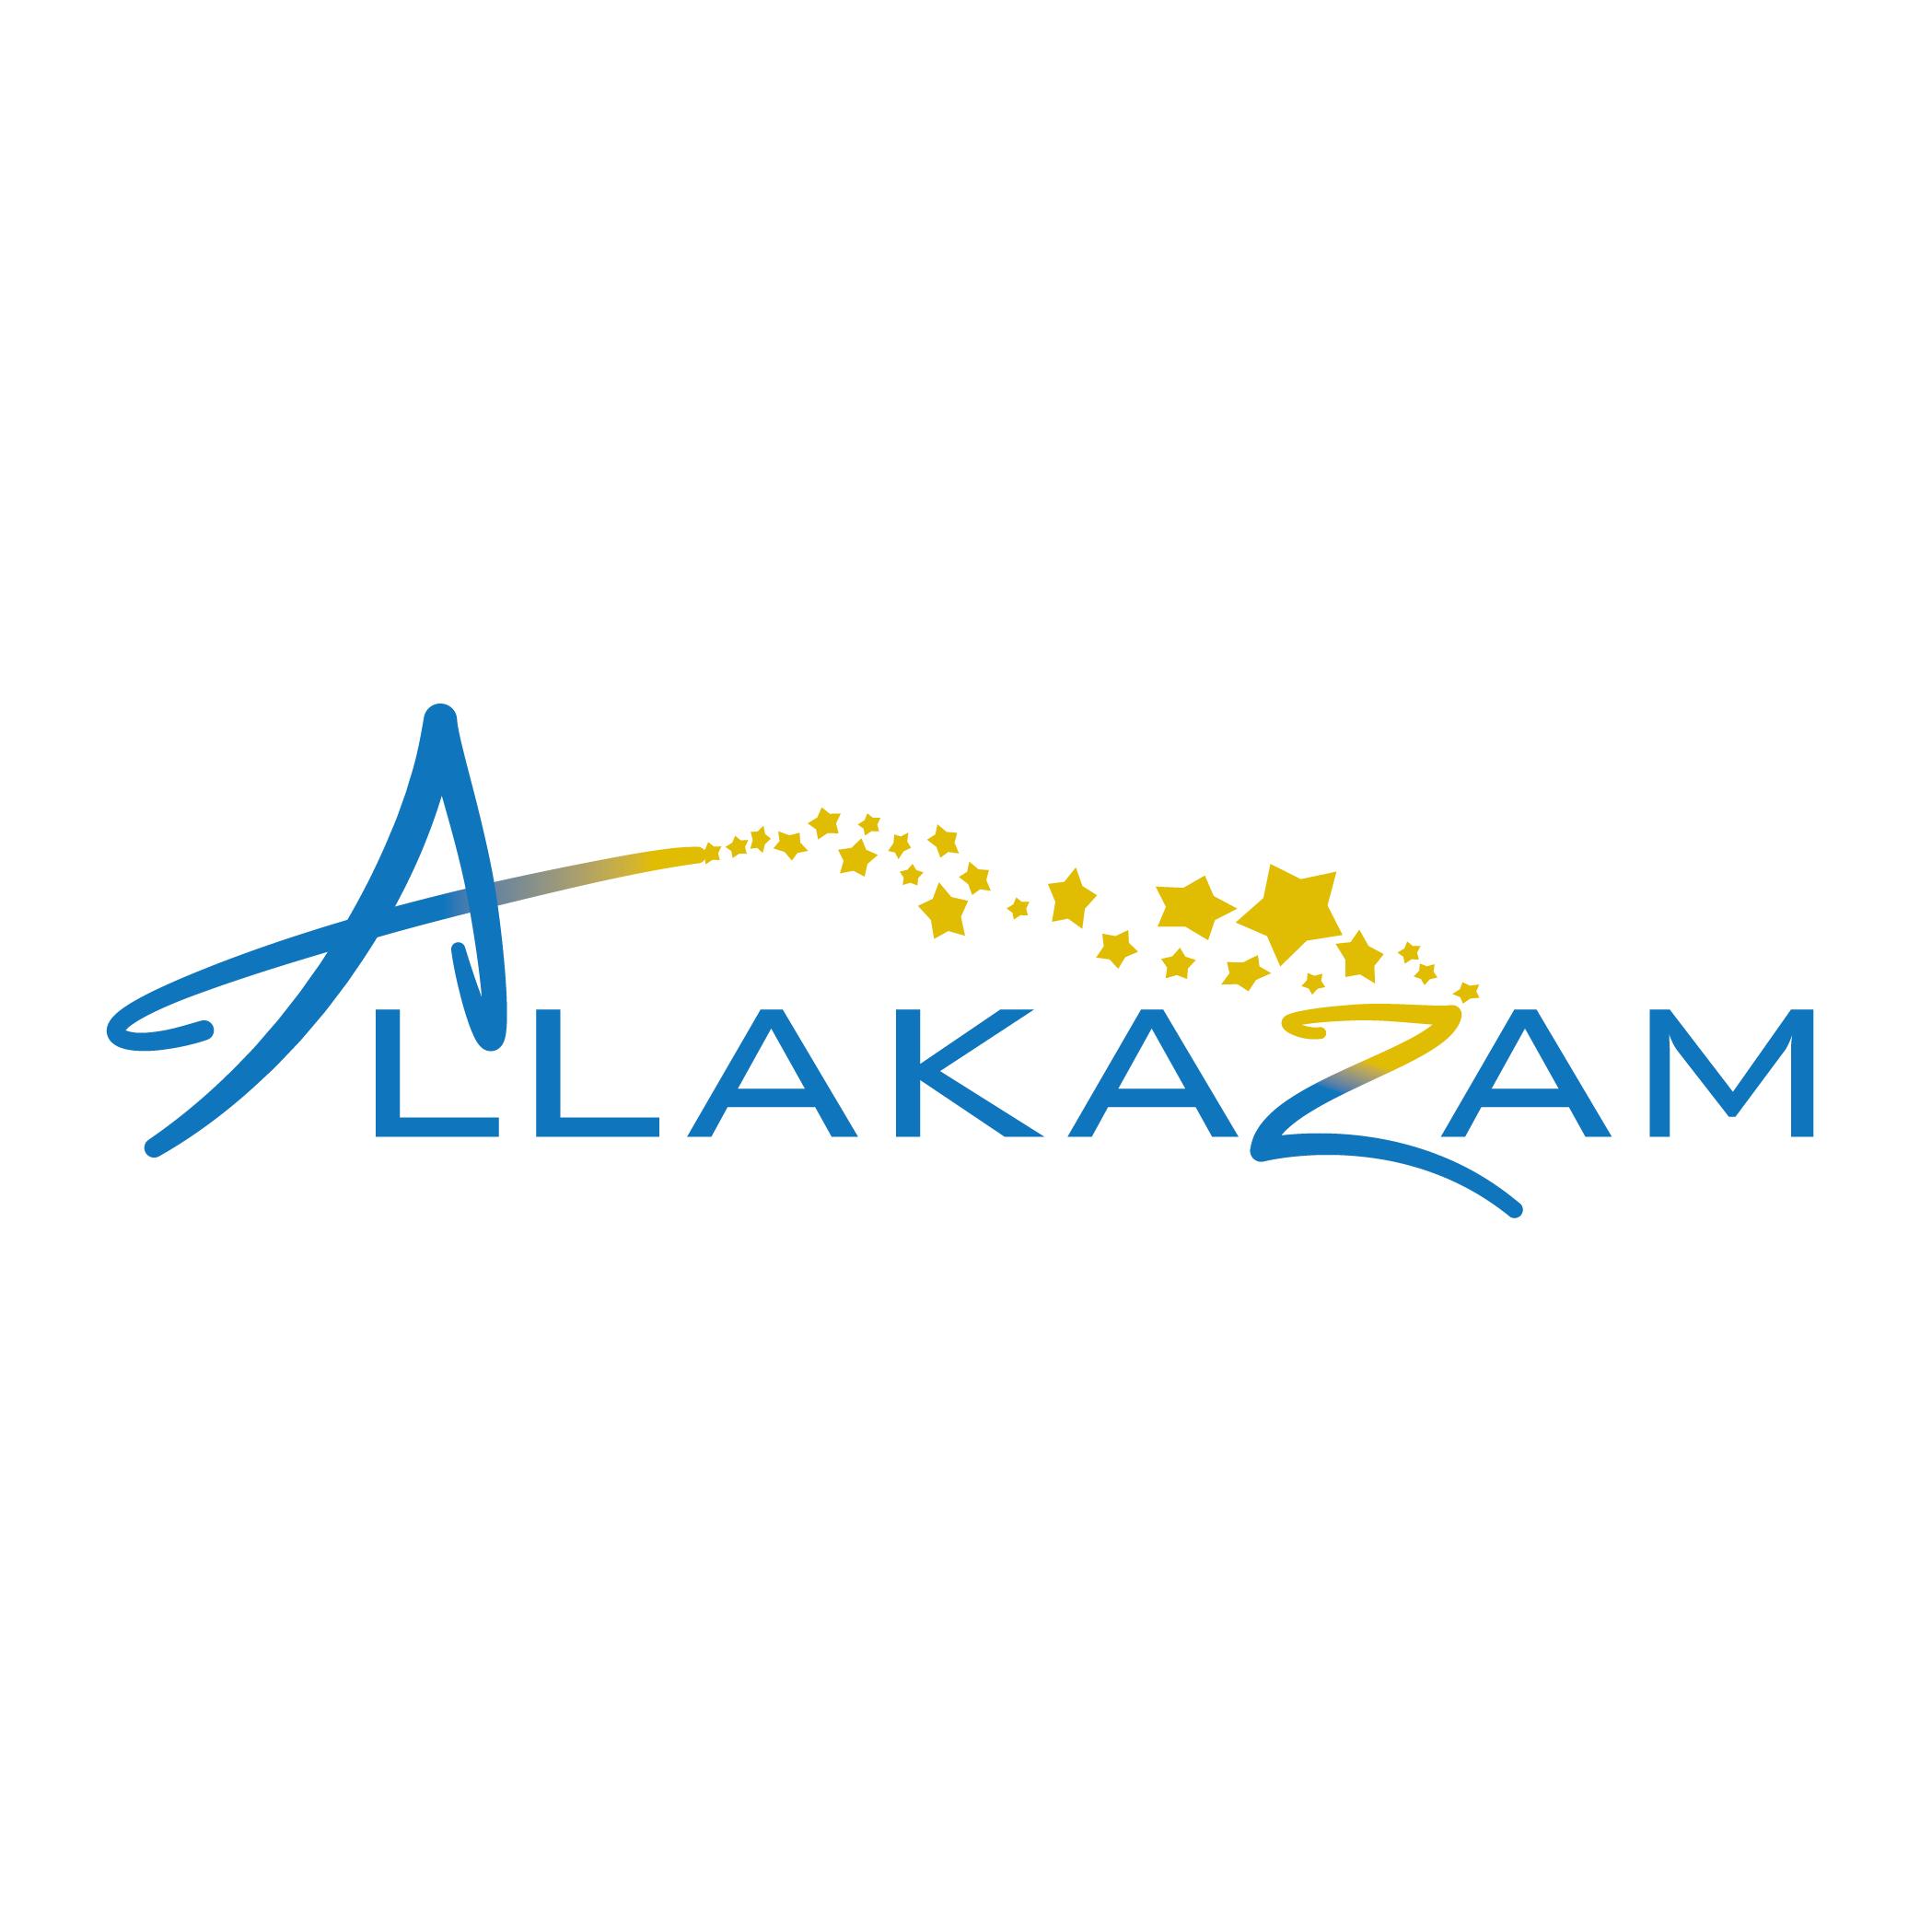 Allakazam LLC image 0